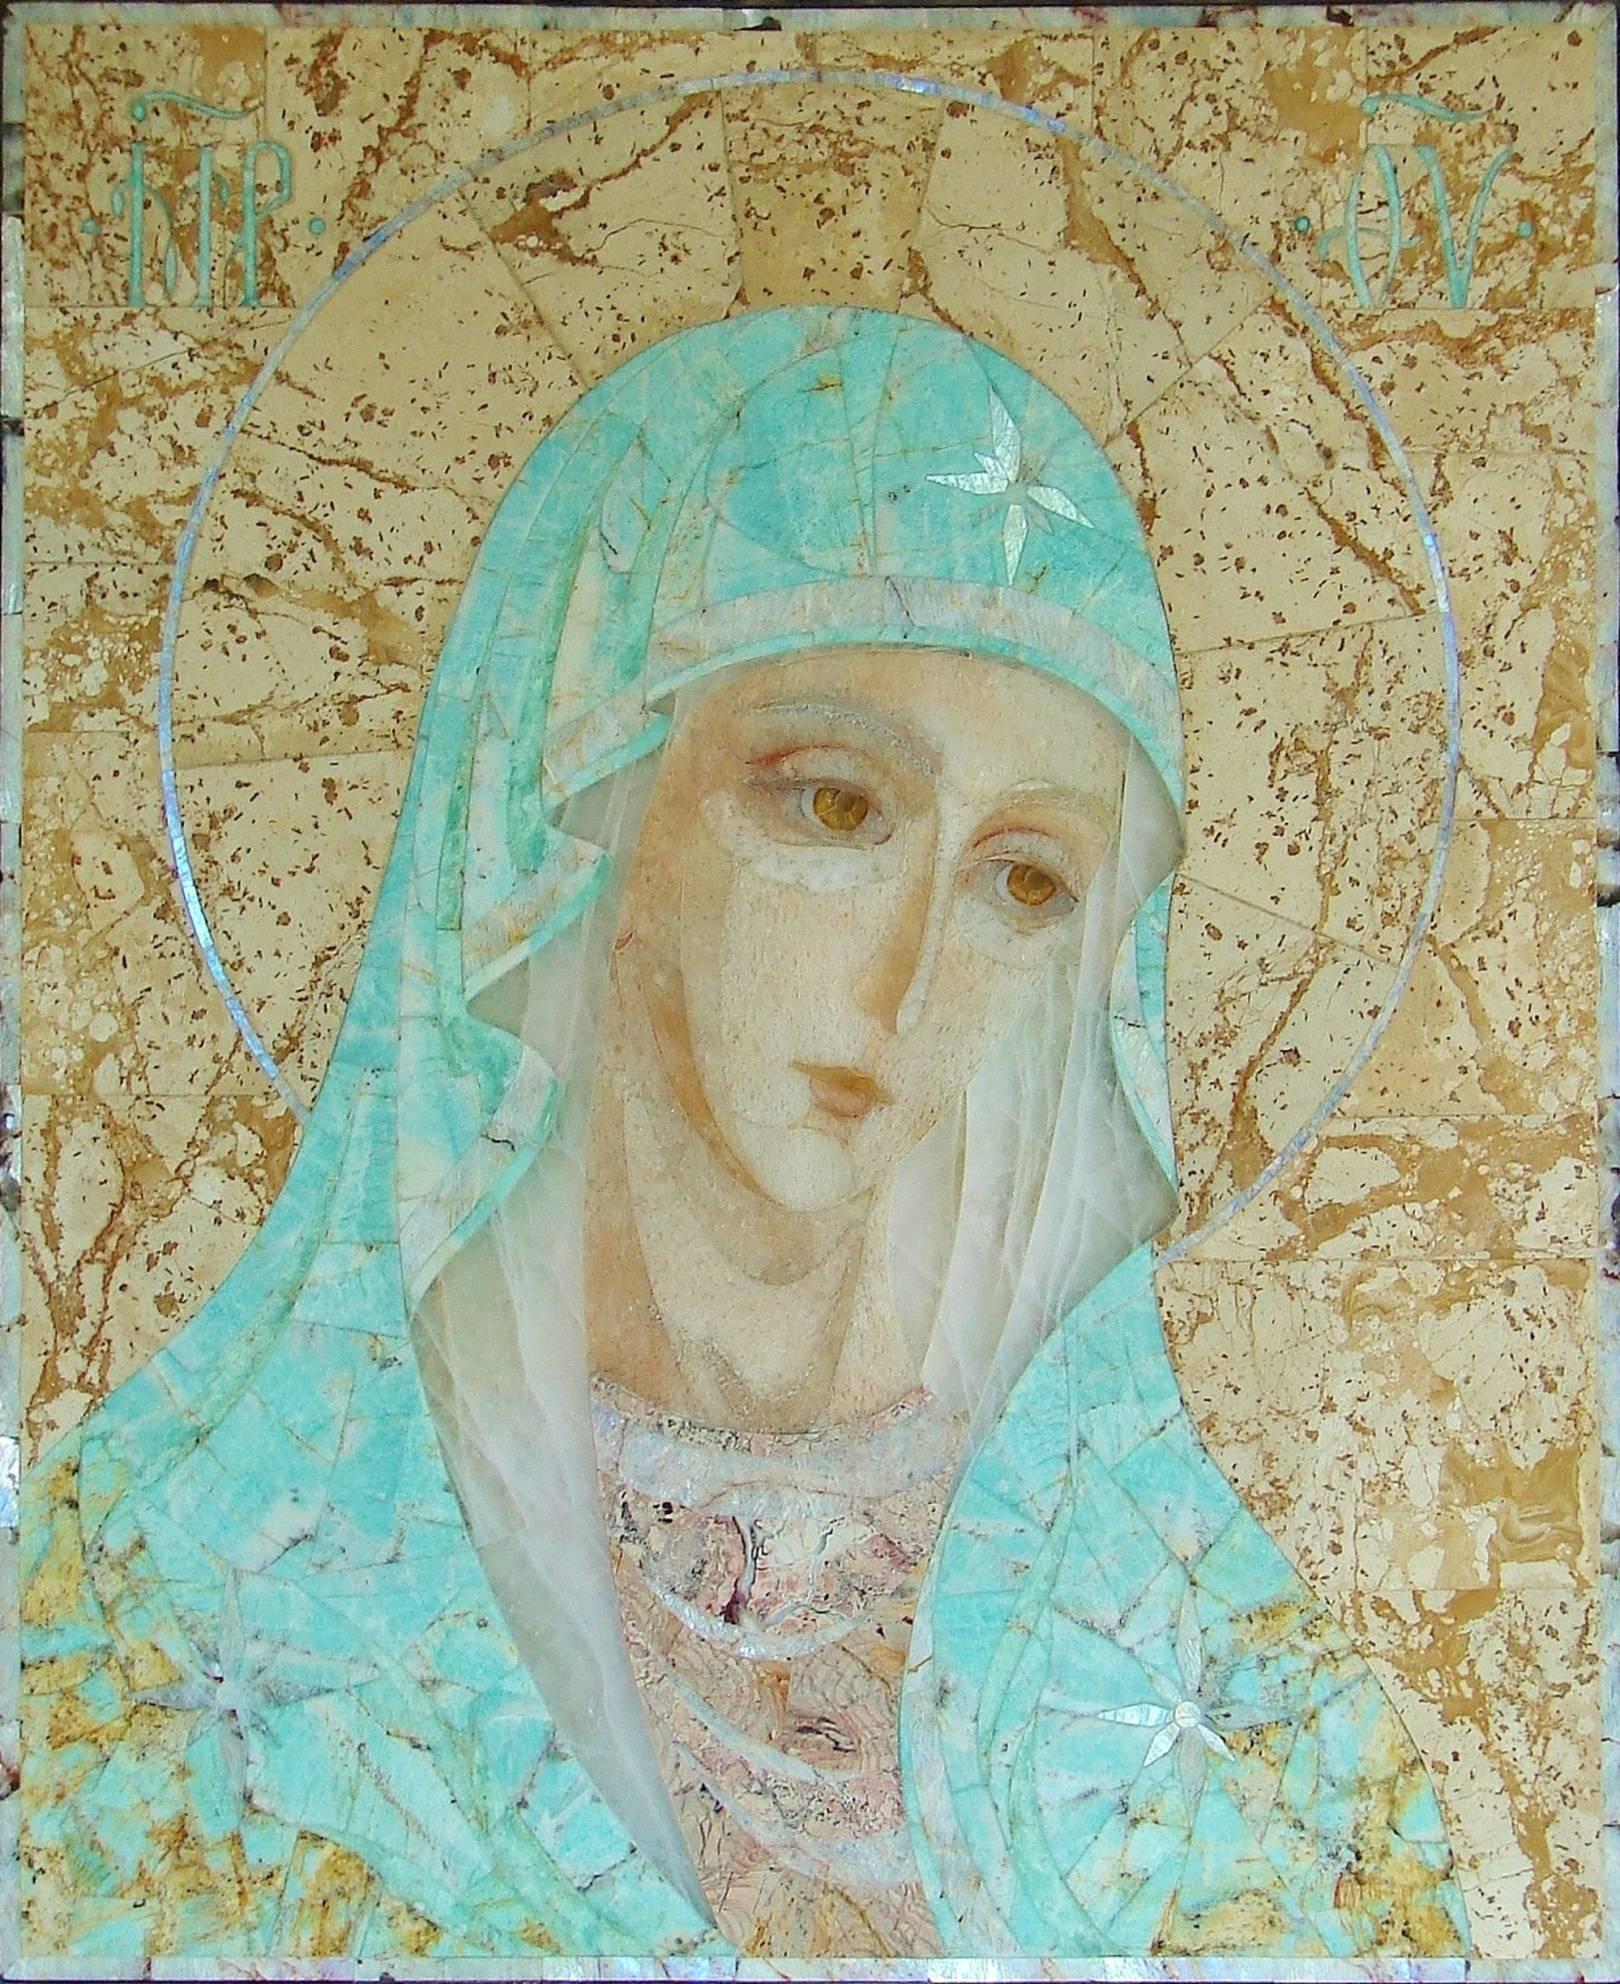 """""""Богоматерь Умиление"""" флорентийская мозаика :амазонит голубой, яшма, беломорит (лунный камень), розовый кварц, кварцит, сердолик, нефрит медовый, хризопраз, мрамор."""